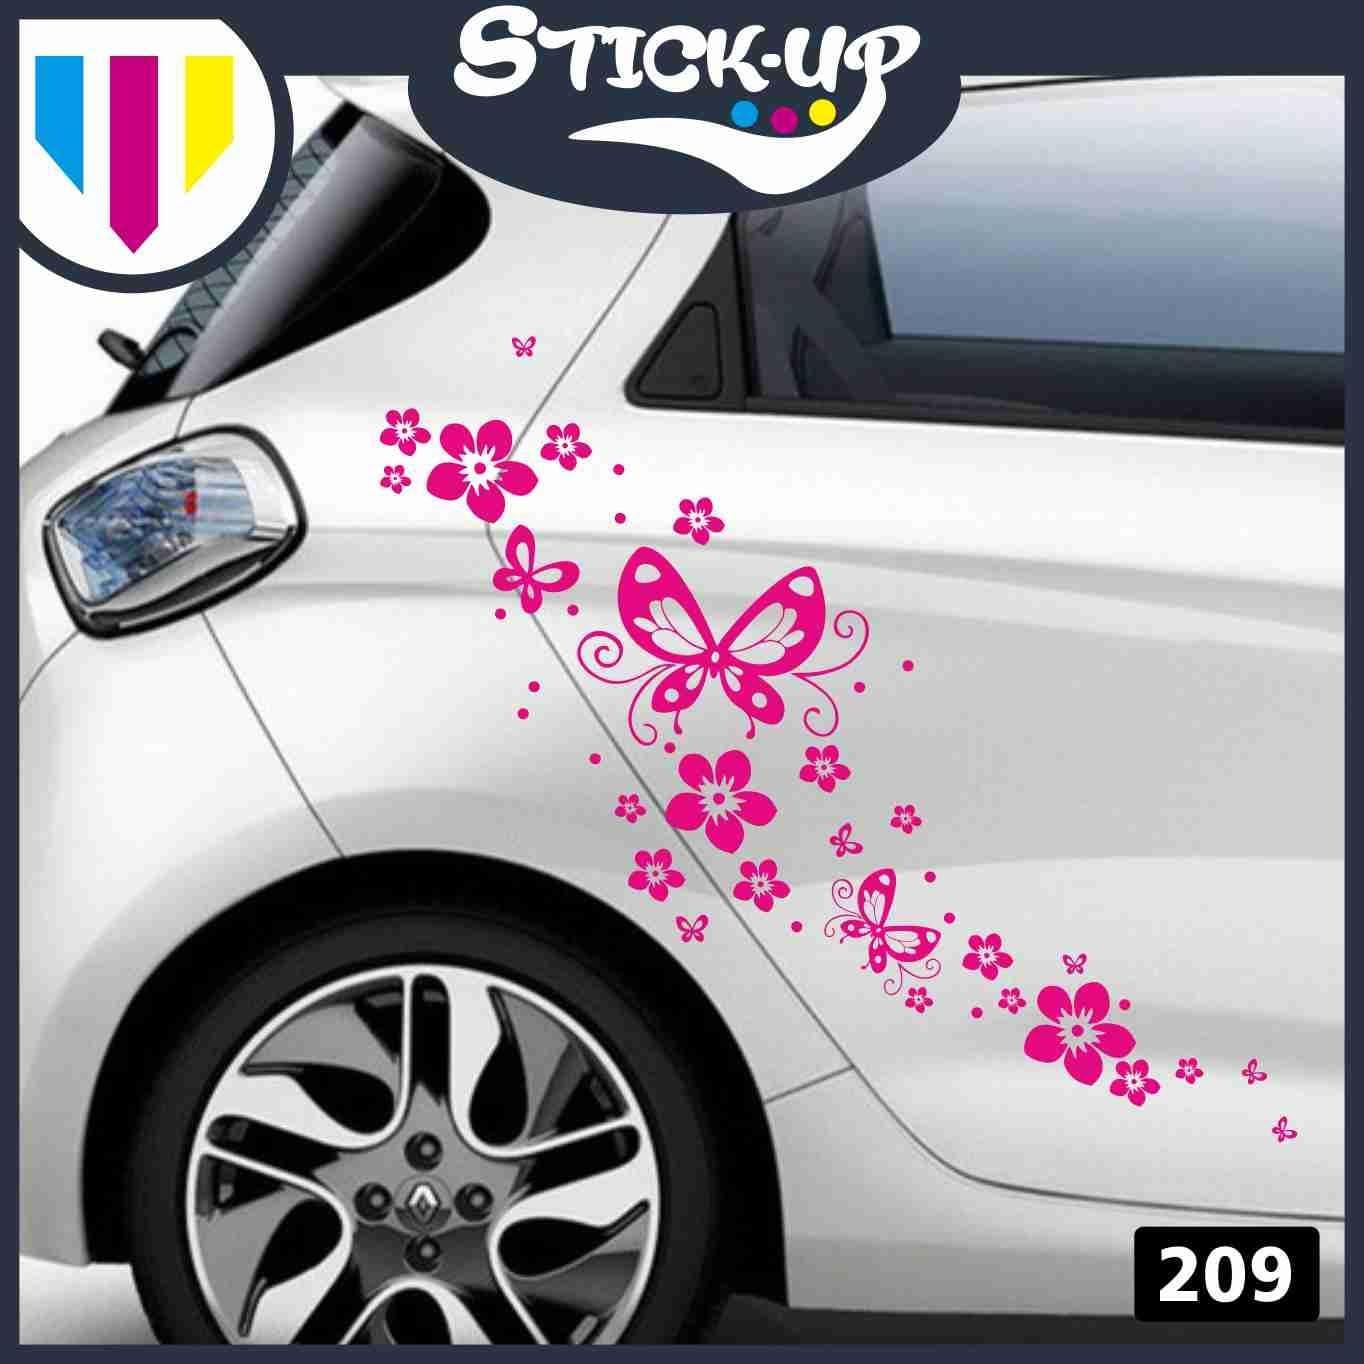 la moto Ideal para decorar el coche Kit de adhesivos para coche Stick-up verde el scooter Adhesivos para coche moto o furgoneta Dise/ño de flores y mariposas